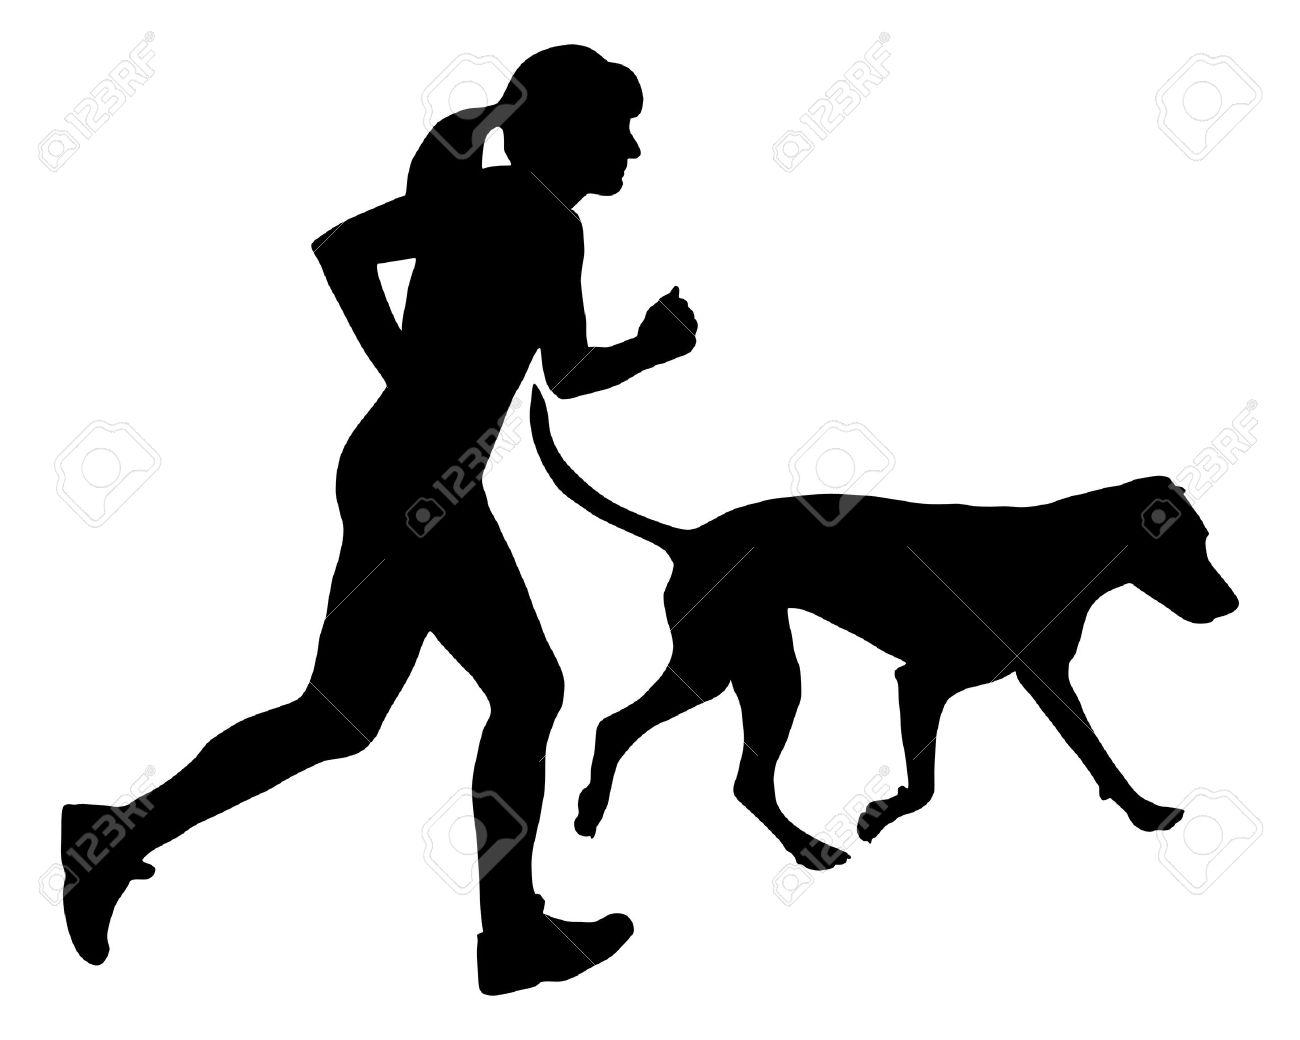 dog running silhouette